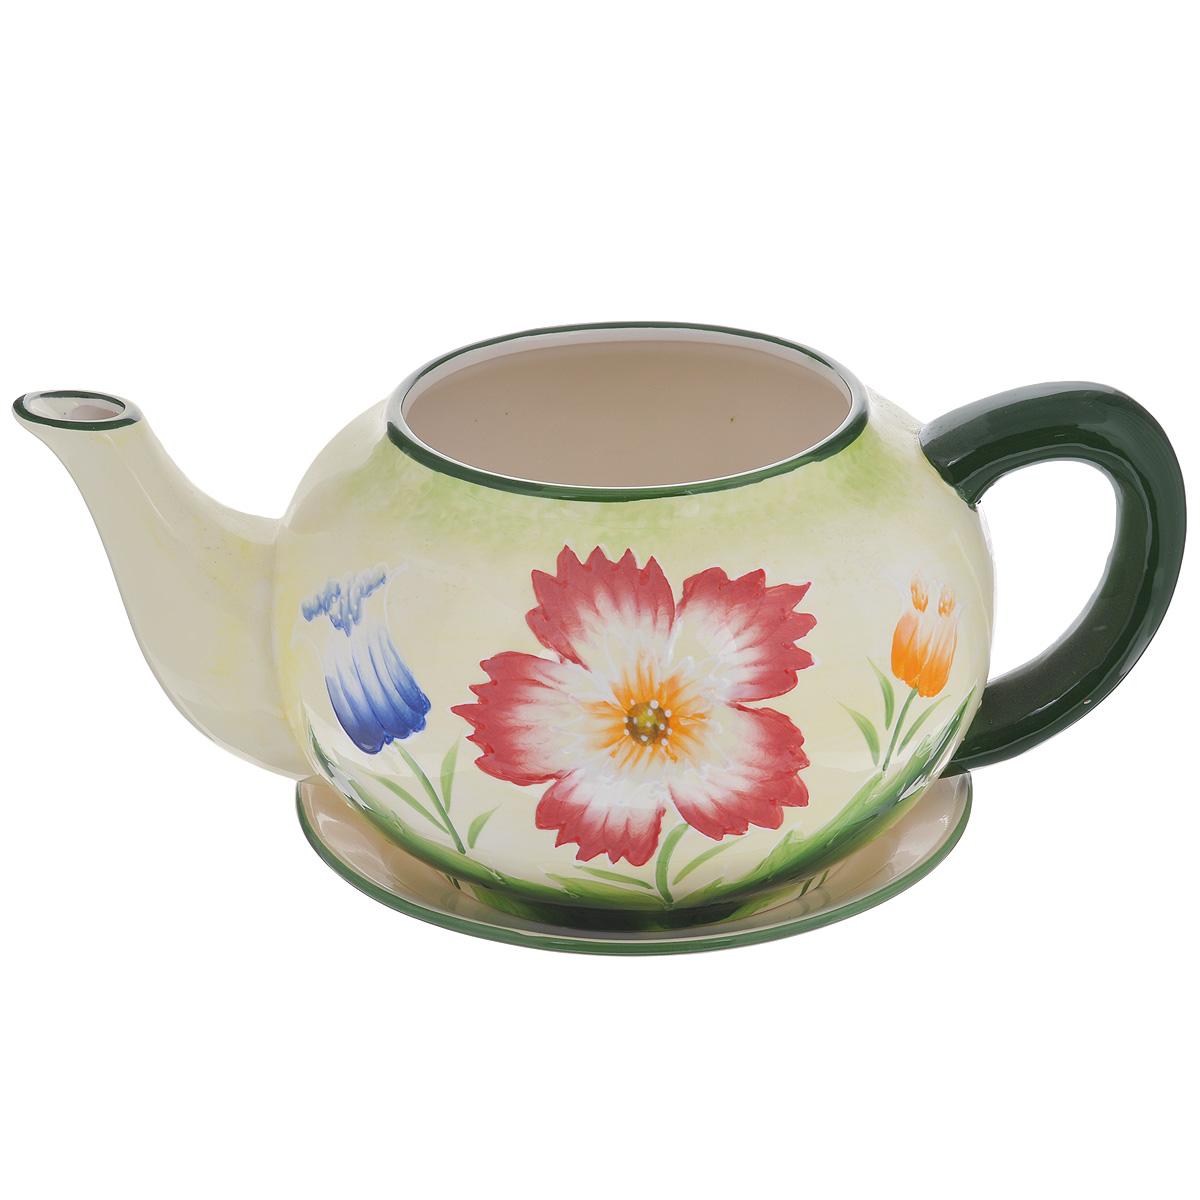 Кашпо Lillo Полевые цветы, с поддоном4612754052103Кашпо-горшок для цветов Lillo Полевые цветы выполнен из прочной керамики в виде заварочного чайника с блюдцем. Изделие предназначено для цветов.Такие изделия часто становятся последним штрихом, который совершенно изменяет интерьер помещения или ландшафтный дизайн сада. Благодаря такому кашпо вы сможете украсить вашу комнату, офис, сад и другие места. Изделие оснащено специальным поддоном - блюдцем.Диаметр кашпо по верхнему краю: 14,5 см.Высота кашпо (без учета поддона): 16 см.Диаметр поддона: 23 см.